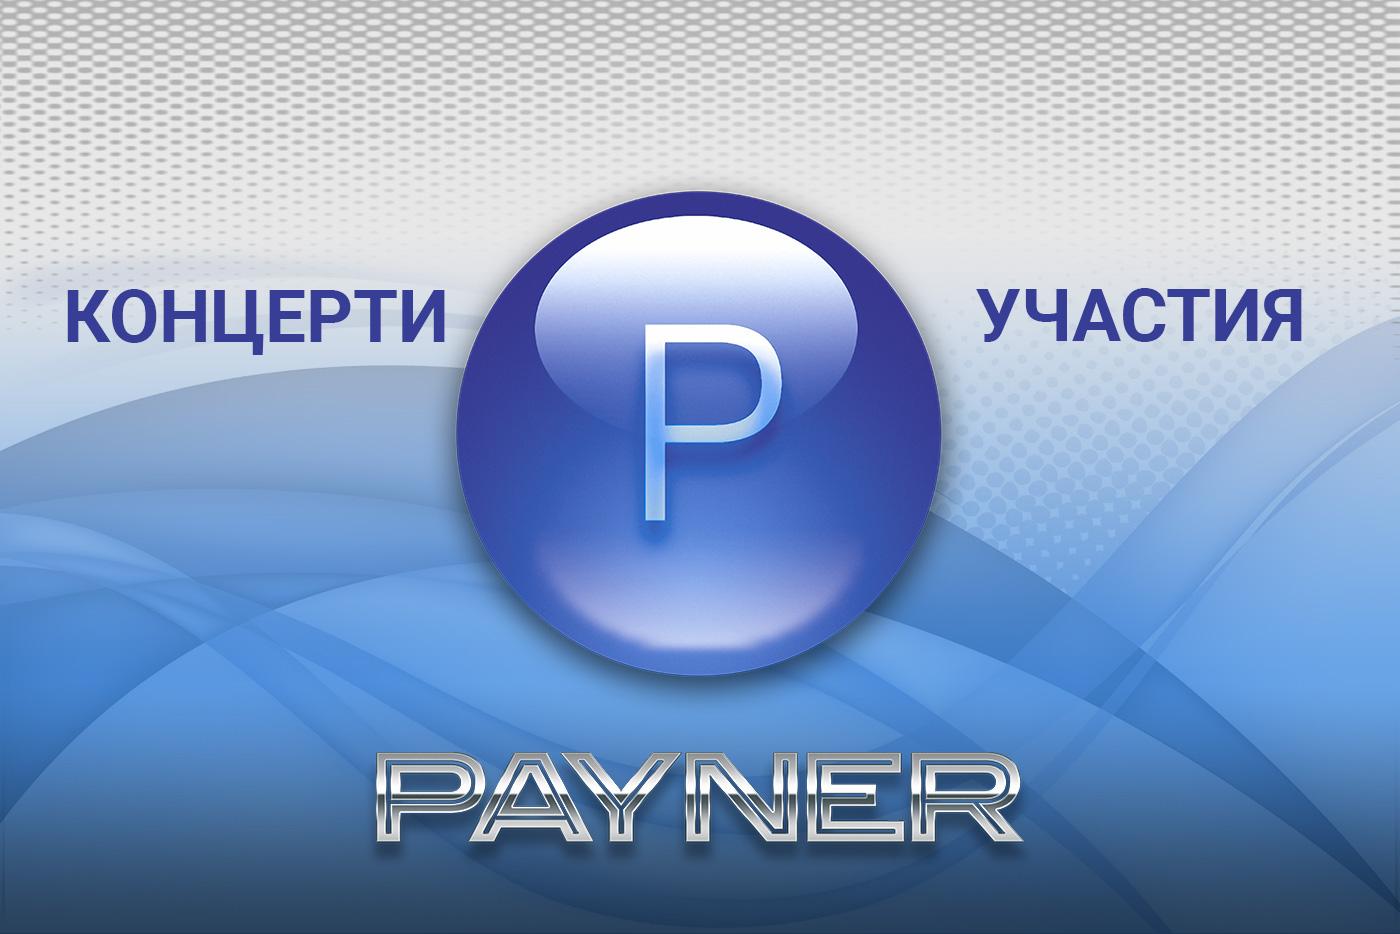 """Участия на звездите на """"Пайнер"""" на 25.03.2019"""